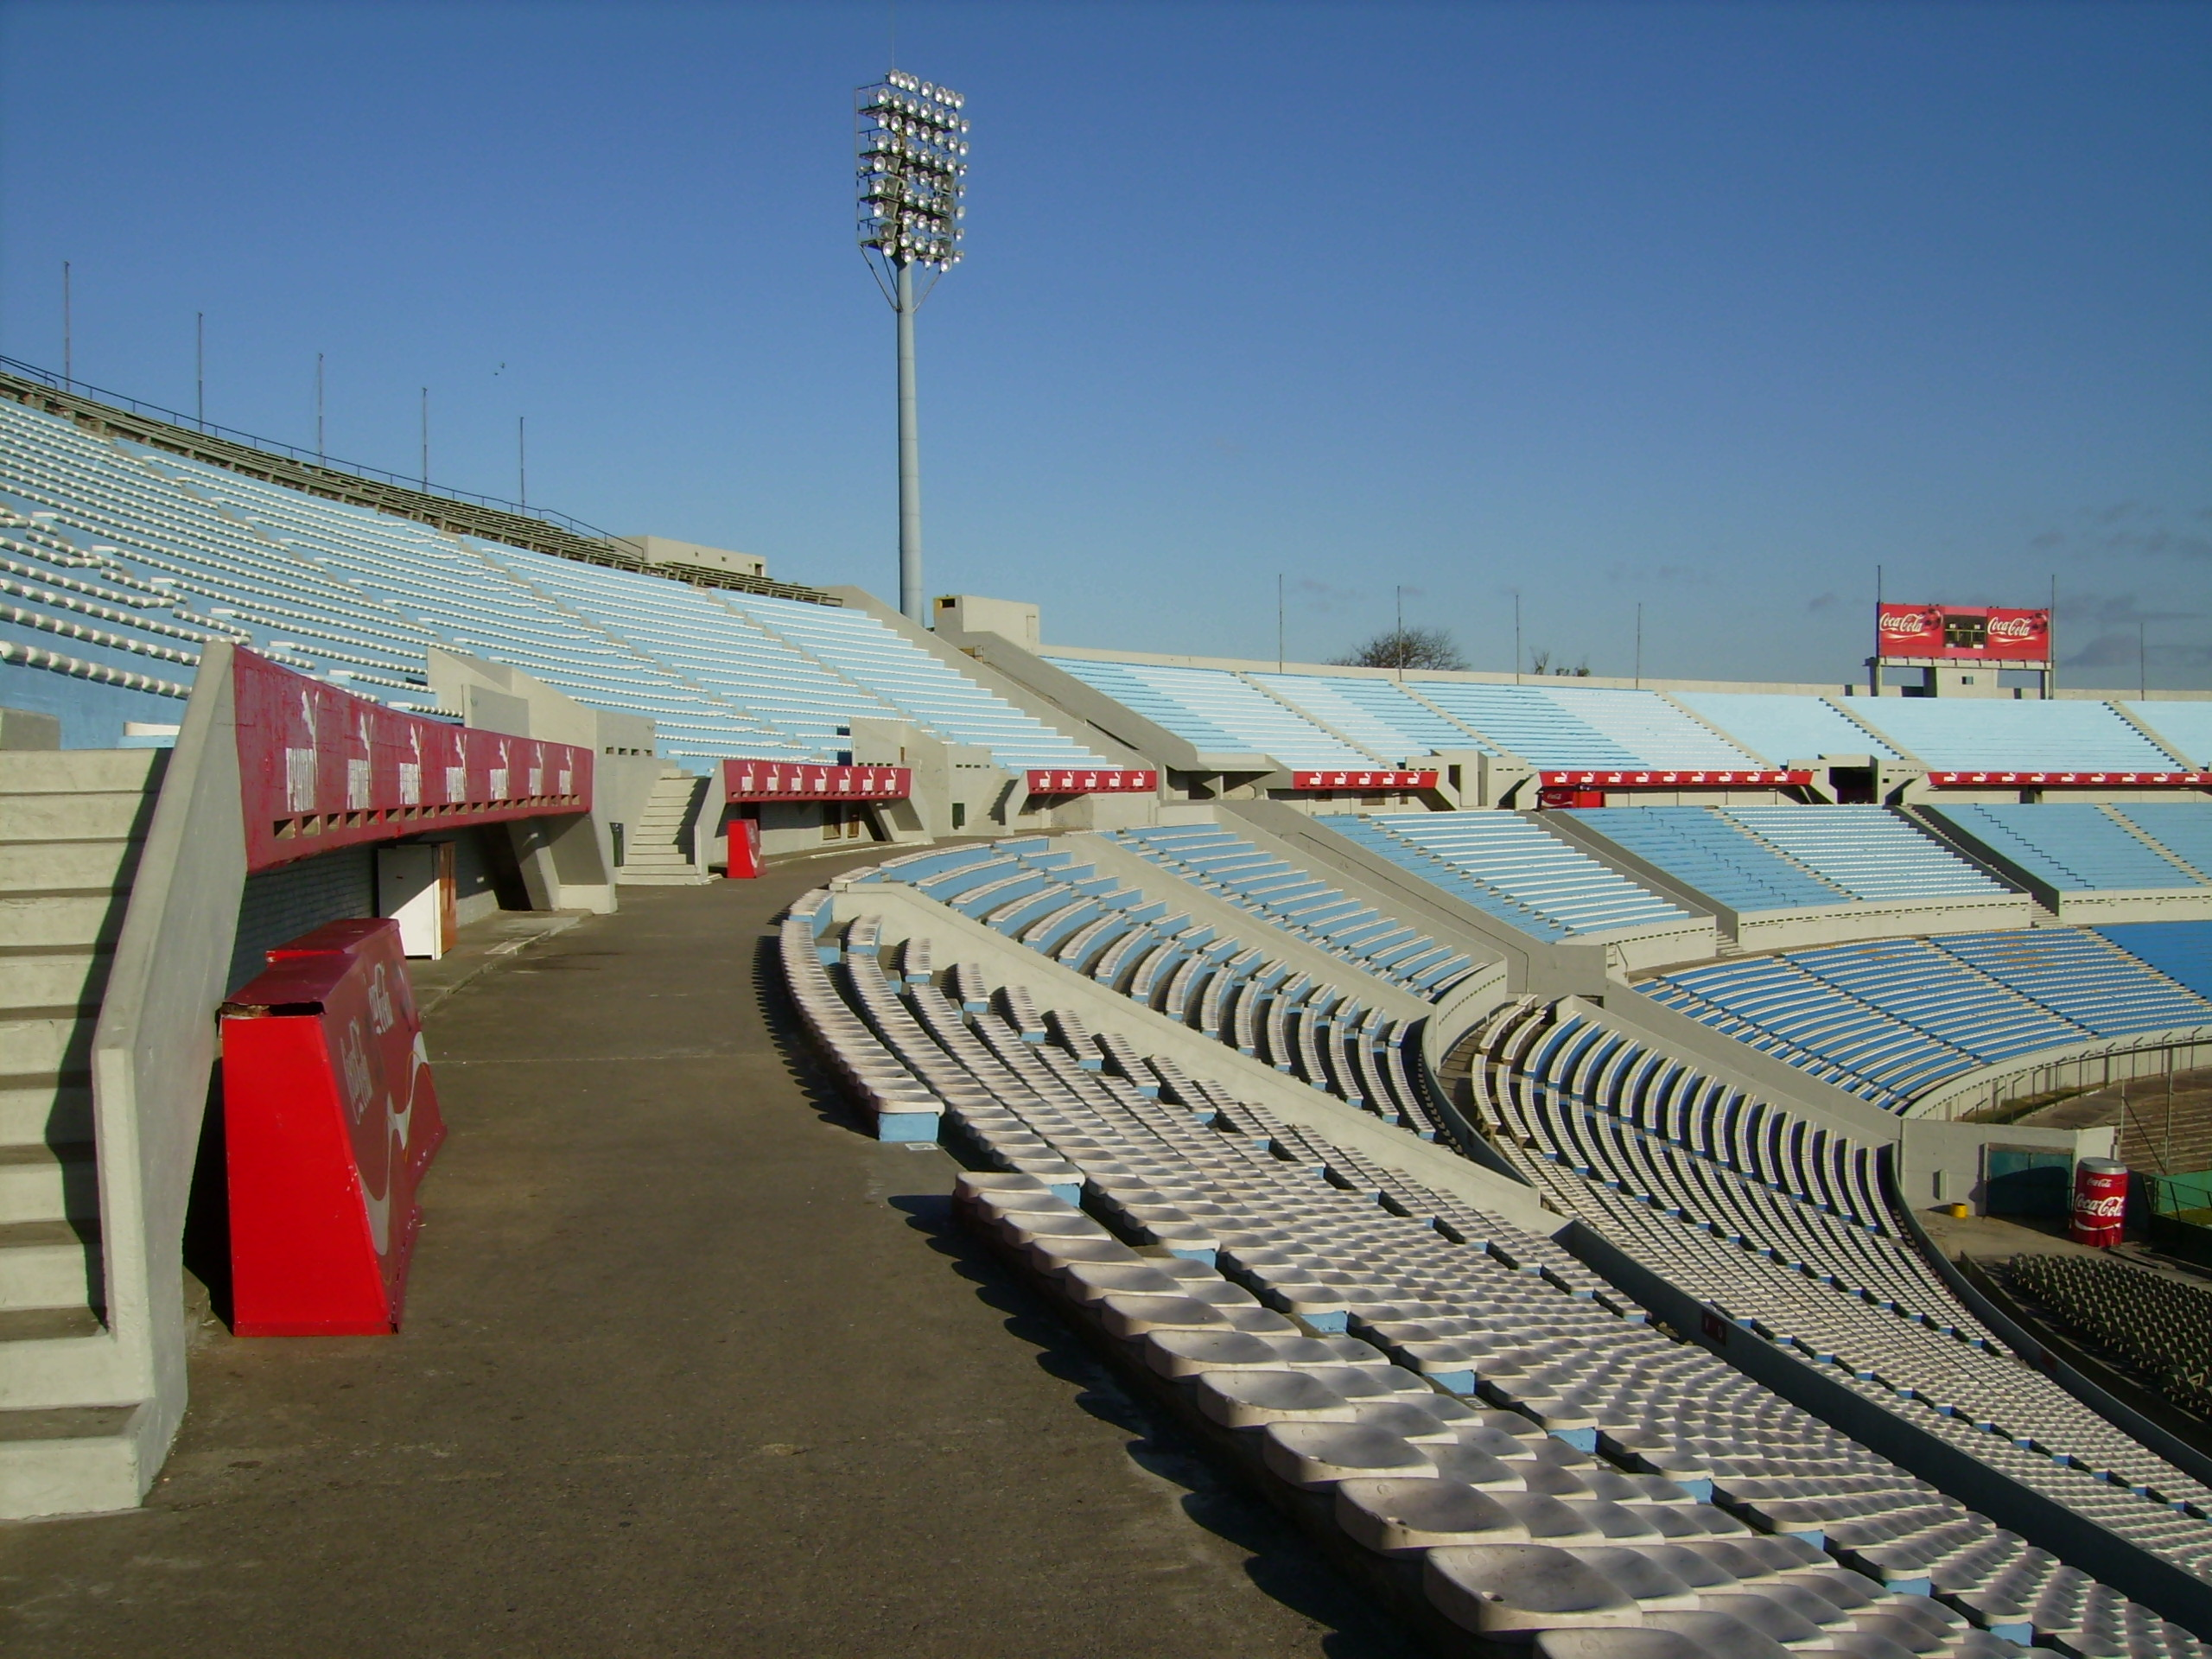 http://www.lr21.com.uy/wp-content/uploads/2017/09/Estadio_centenario_4.jpg